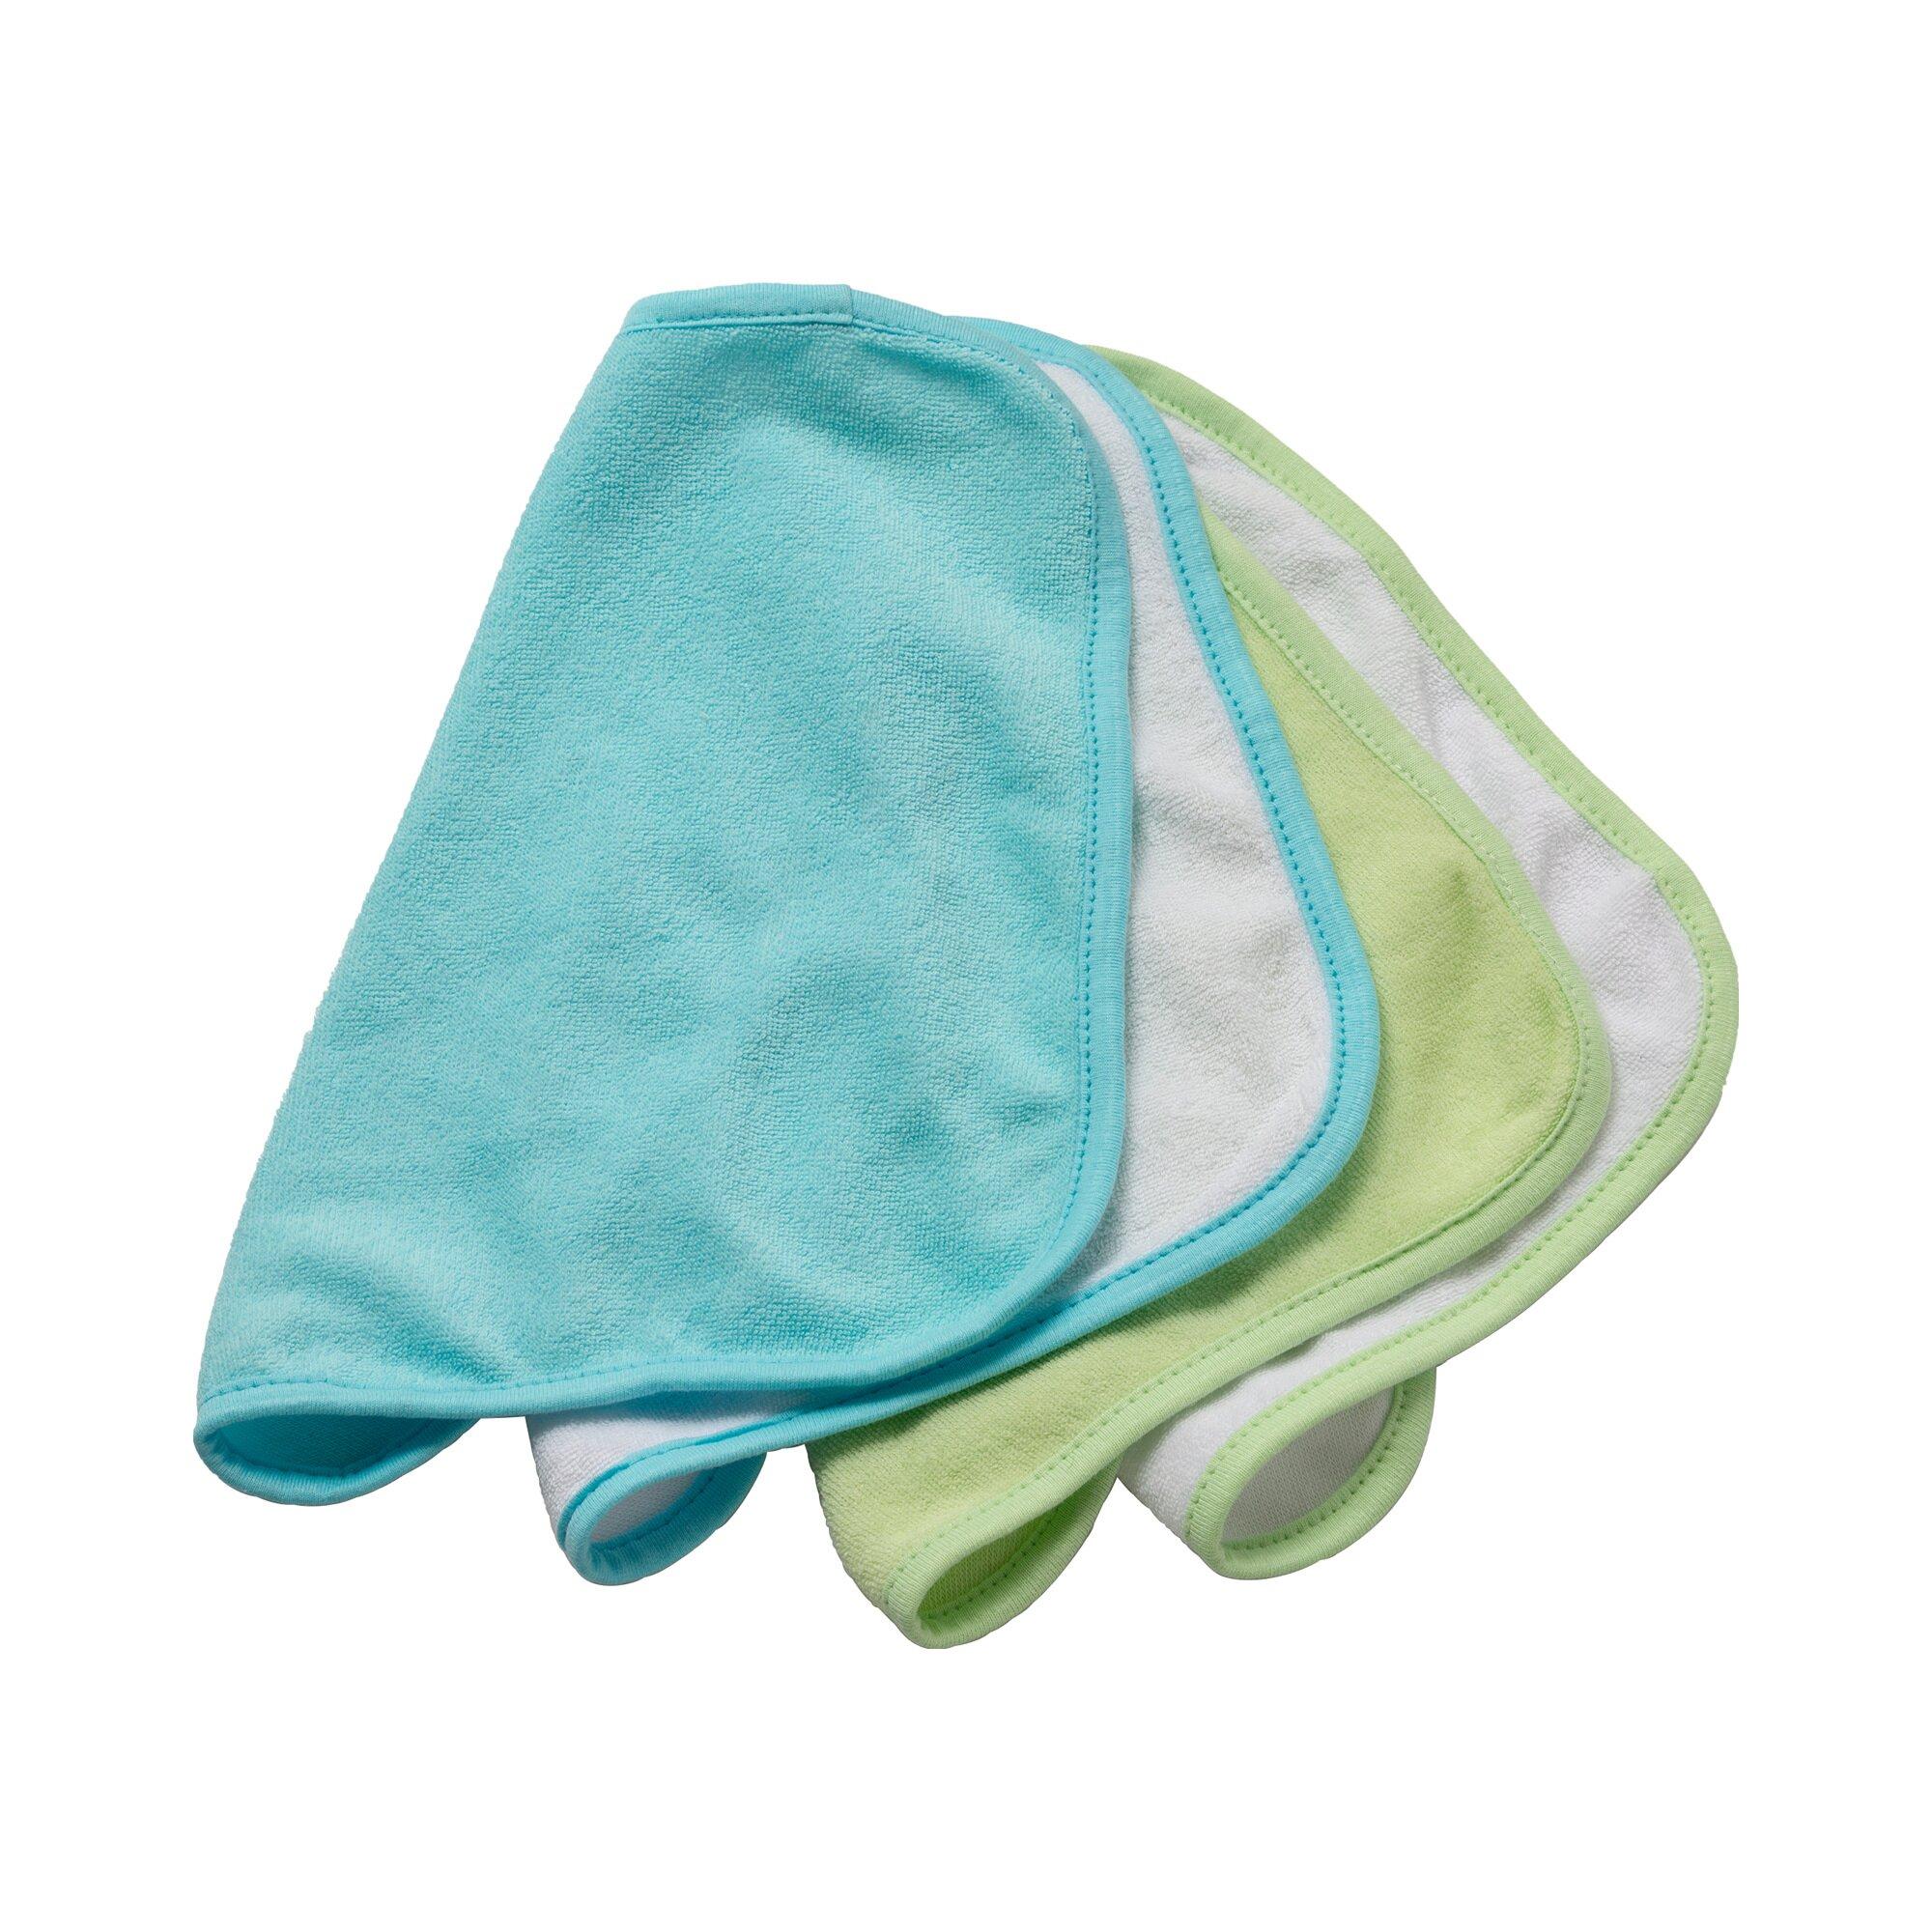 Rotho Babydesign 4er-Pack Waschtücher tuerkis